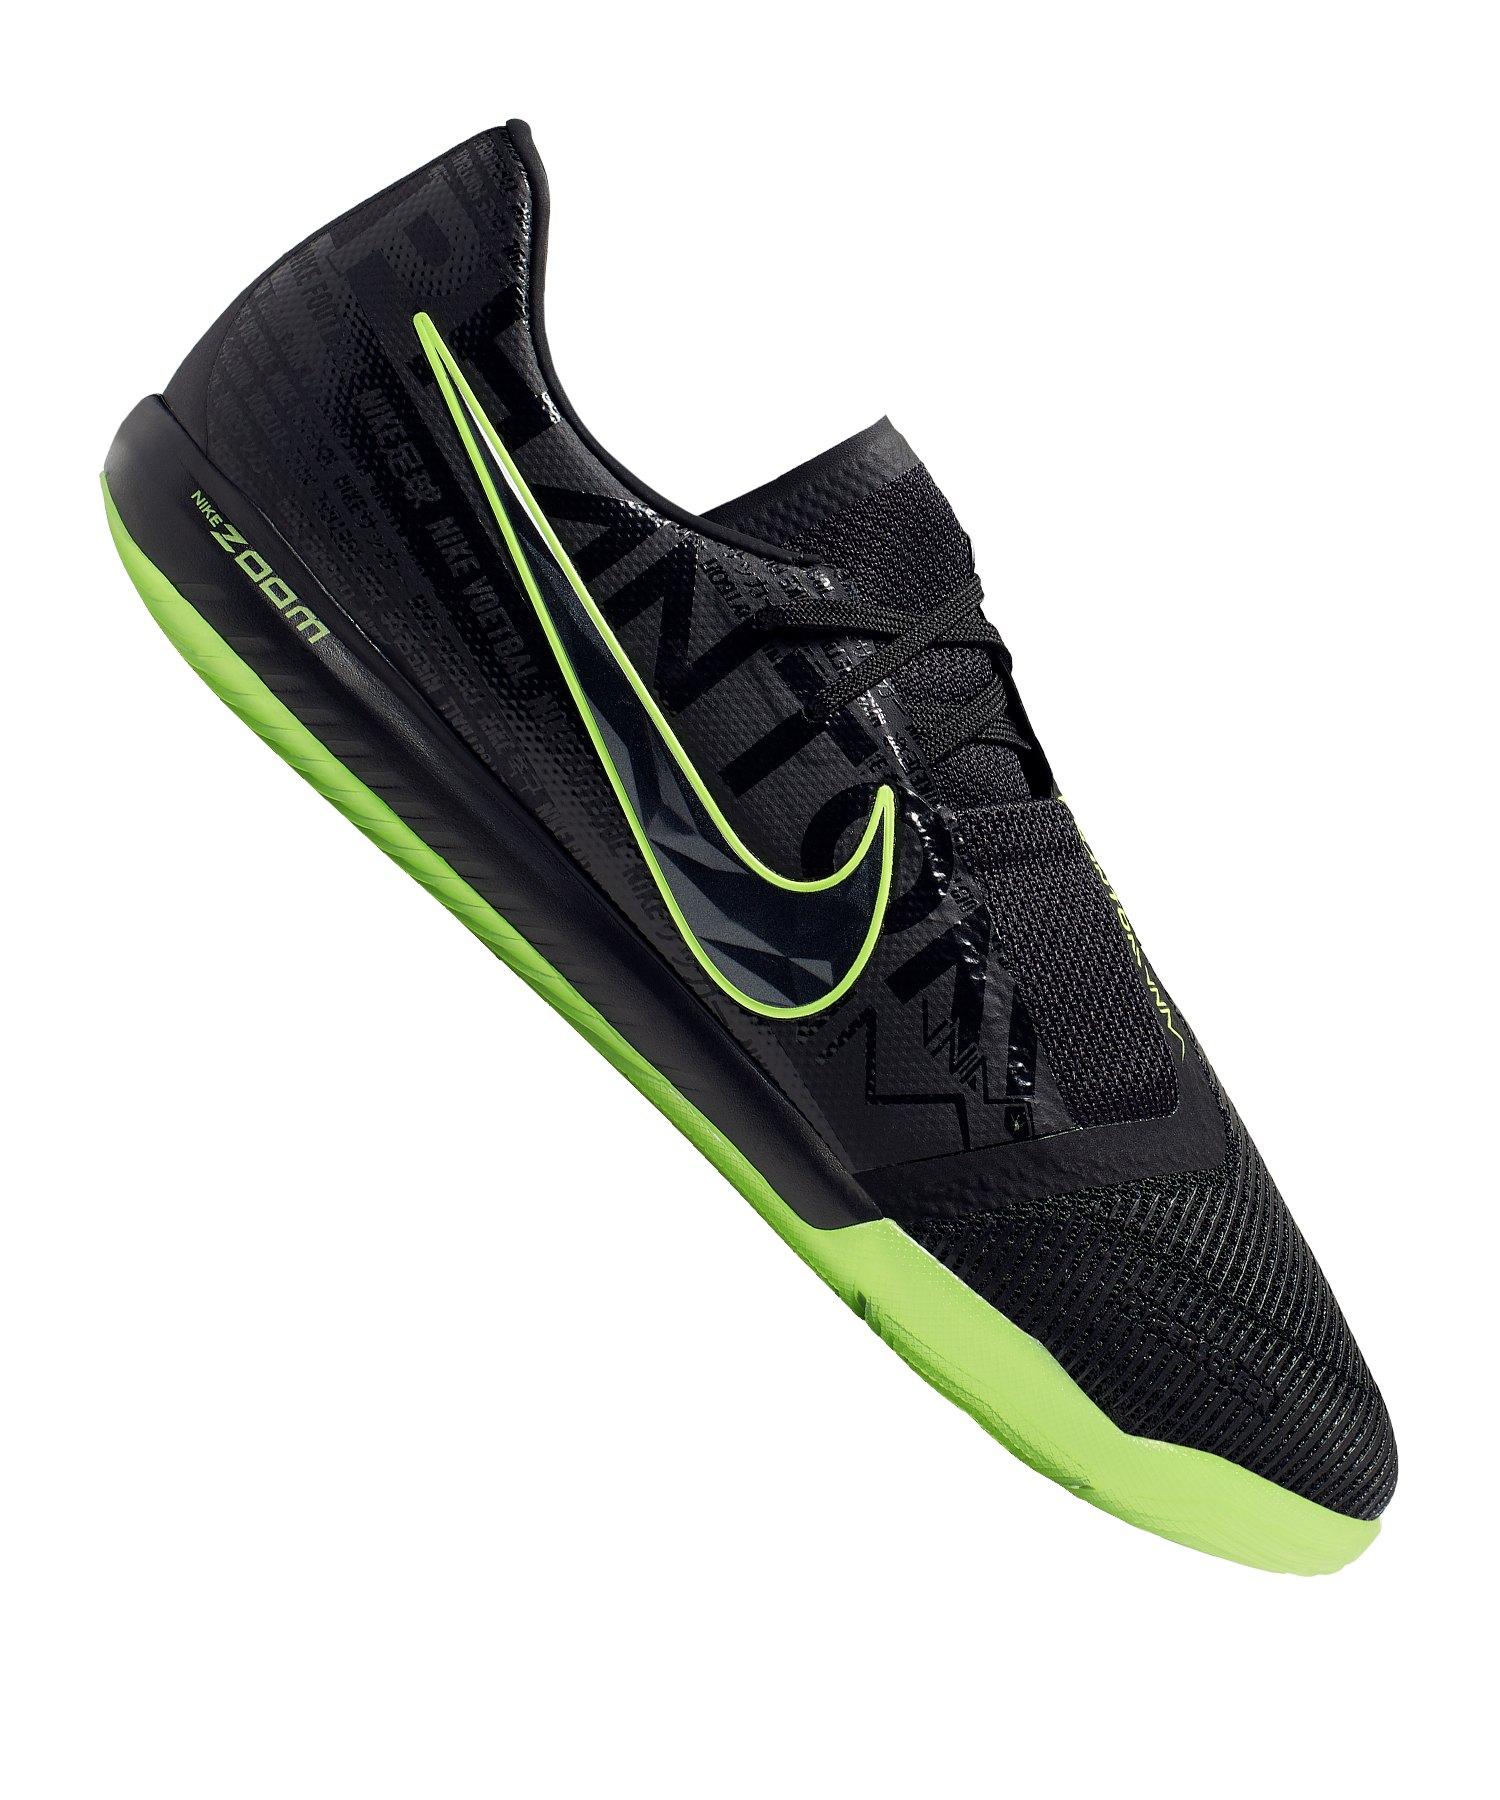 grüne grüne nike nike grüne schwarz schuhe schuhe schwarz schwarz nike N80nkOPXwZ